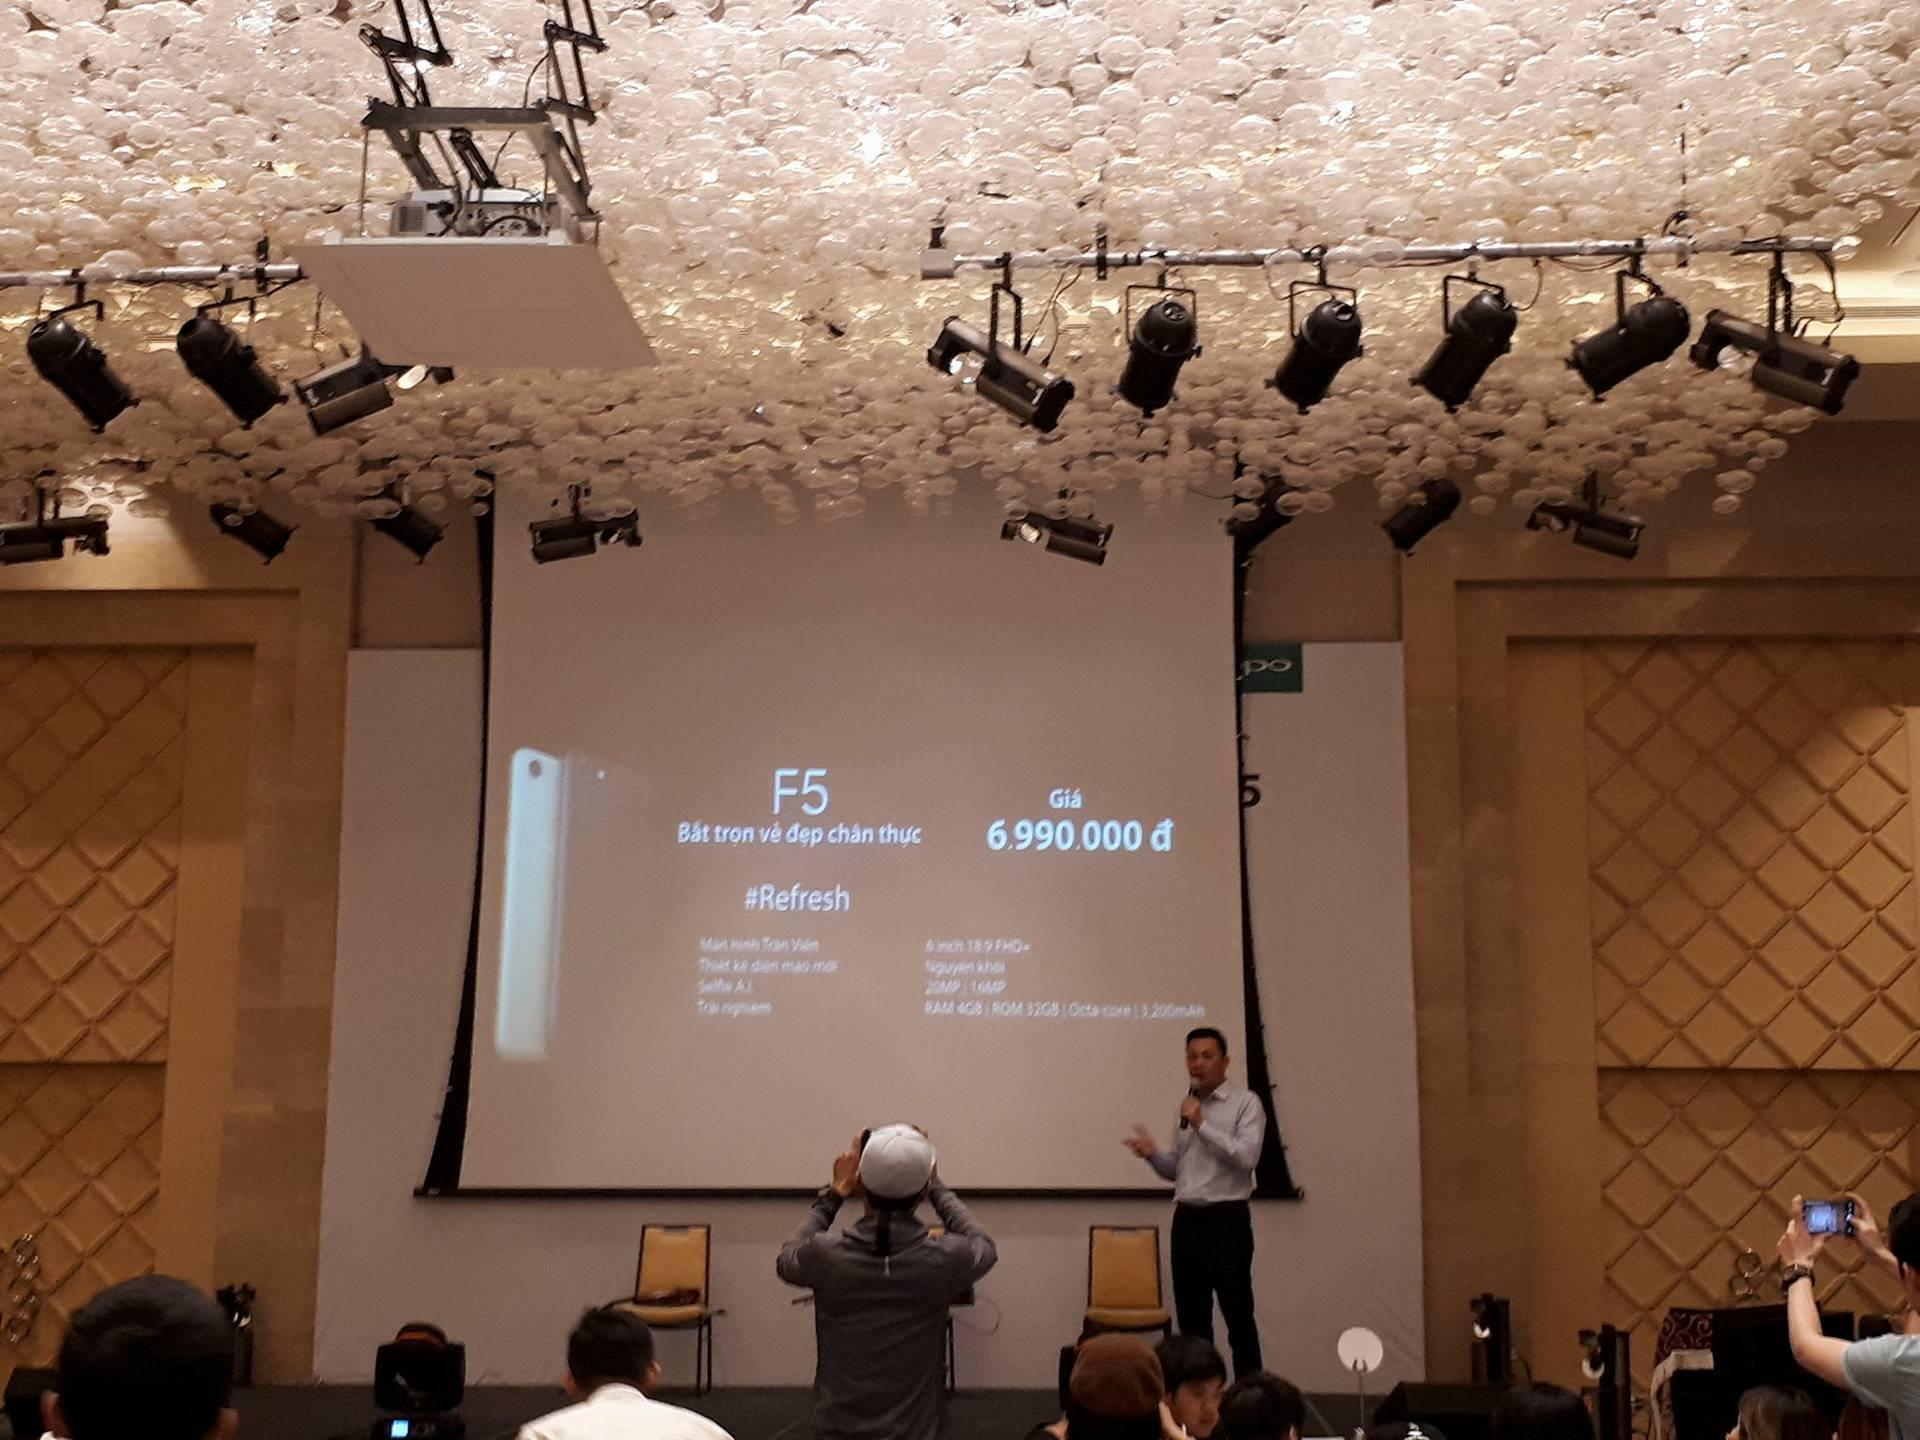 Công nghệ - OPPO F5 chính thức có mặt tại Việt Nam, giá 6,99 triệu đồng